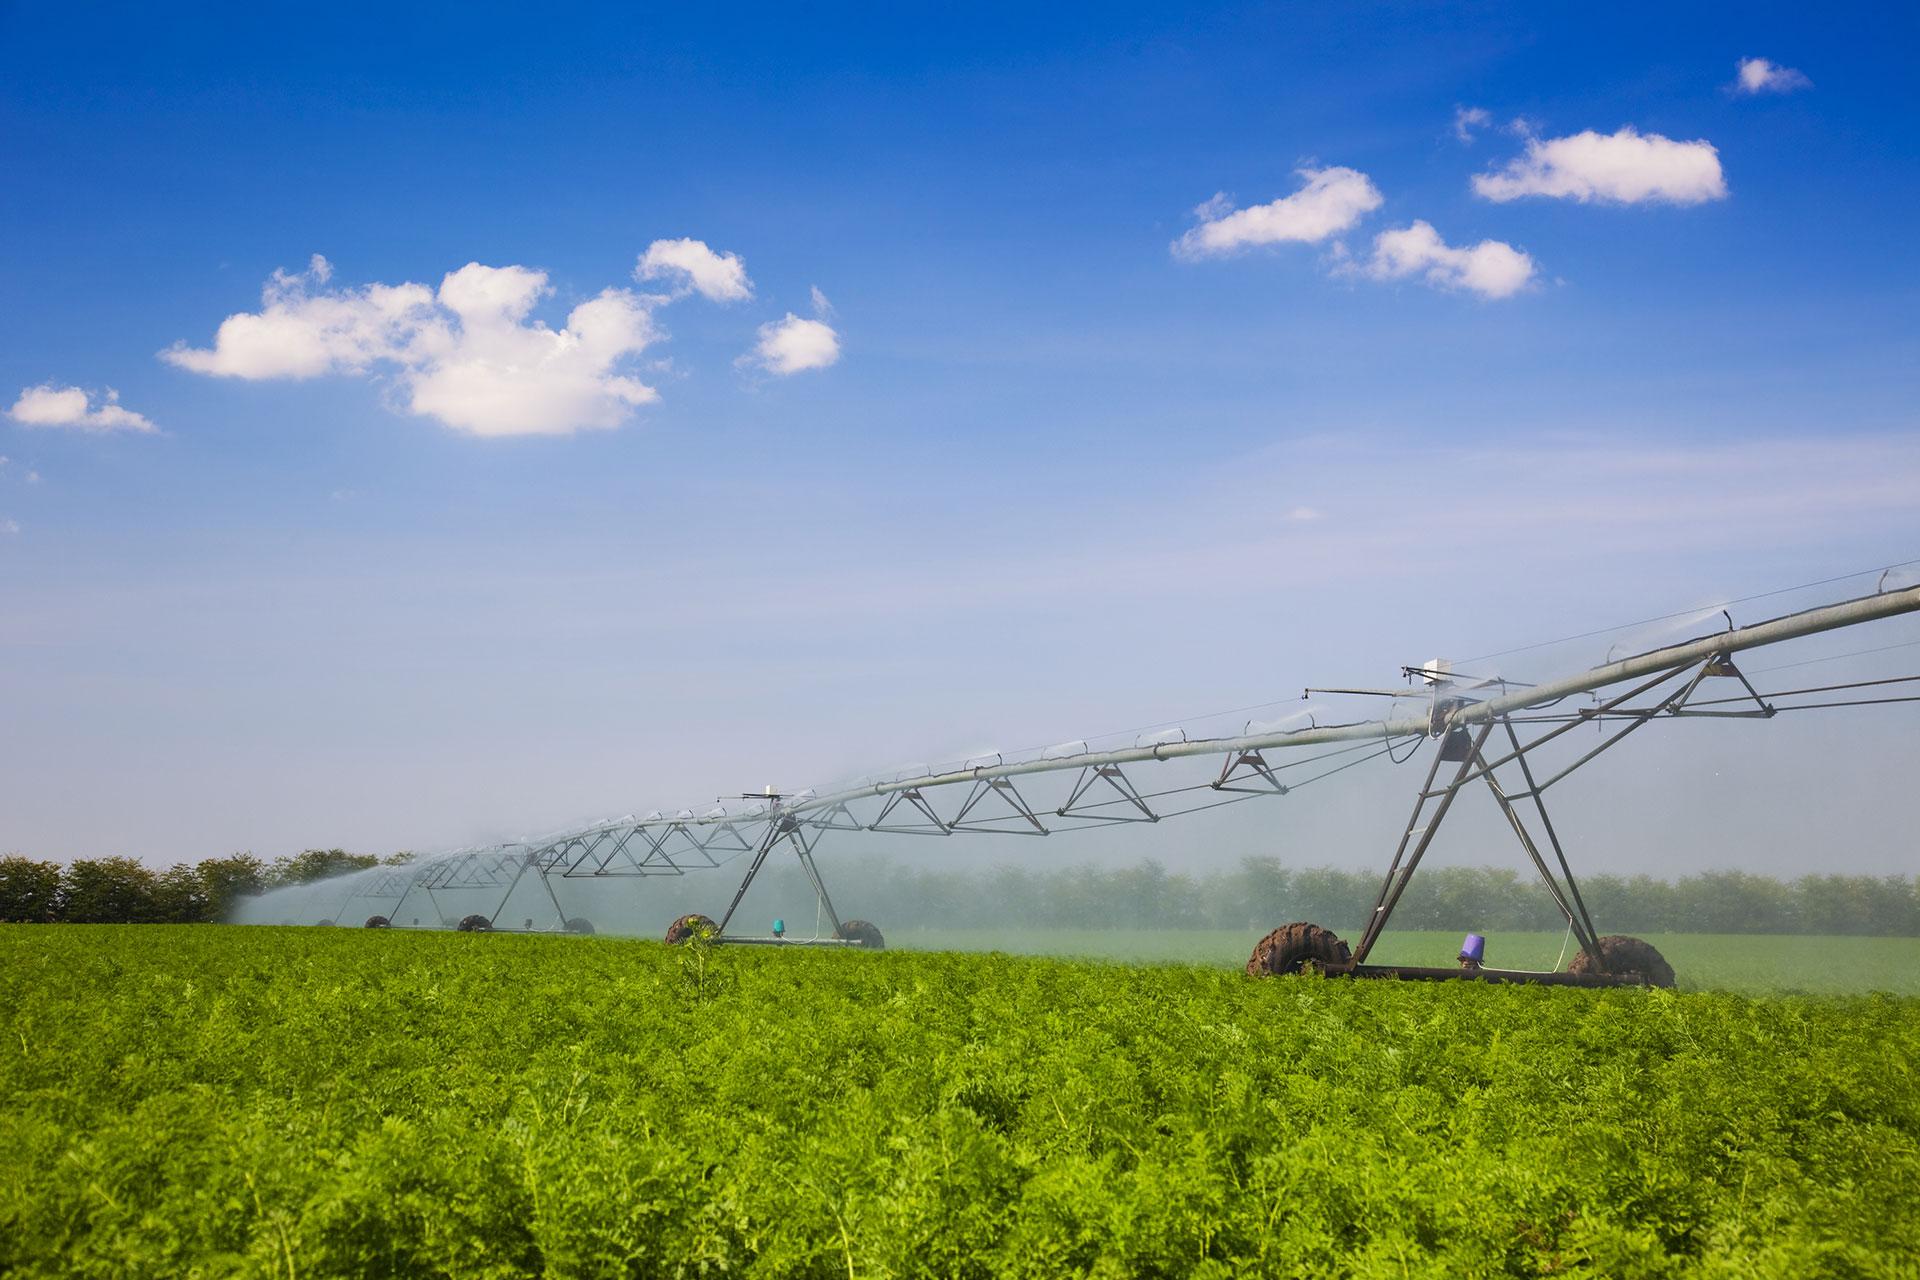 Produção primária e Indústria agroalimentar